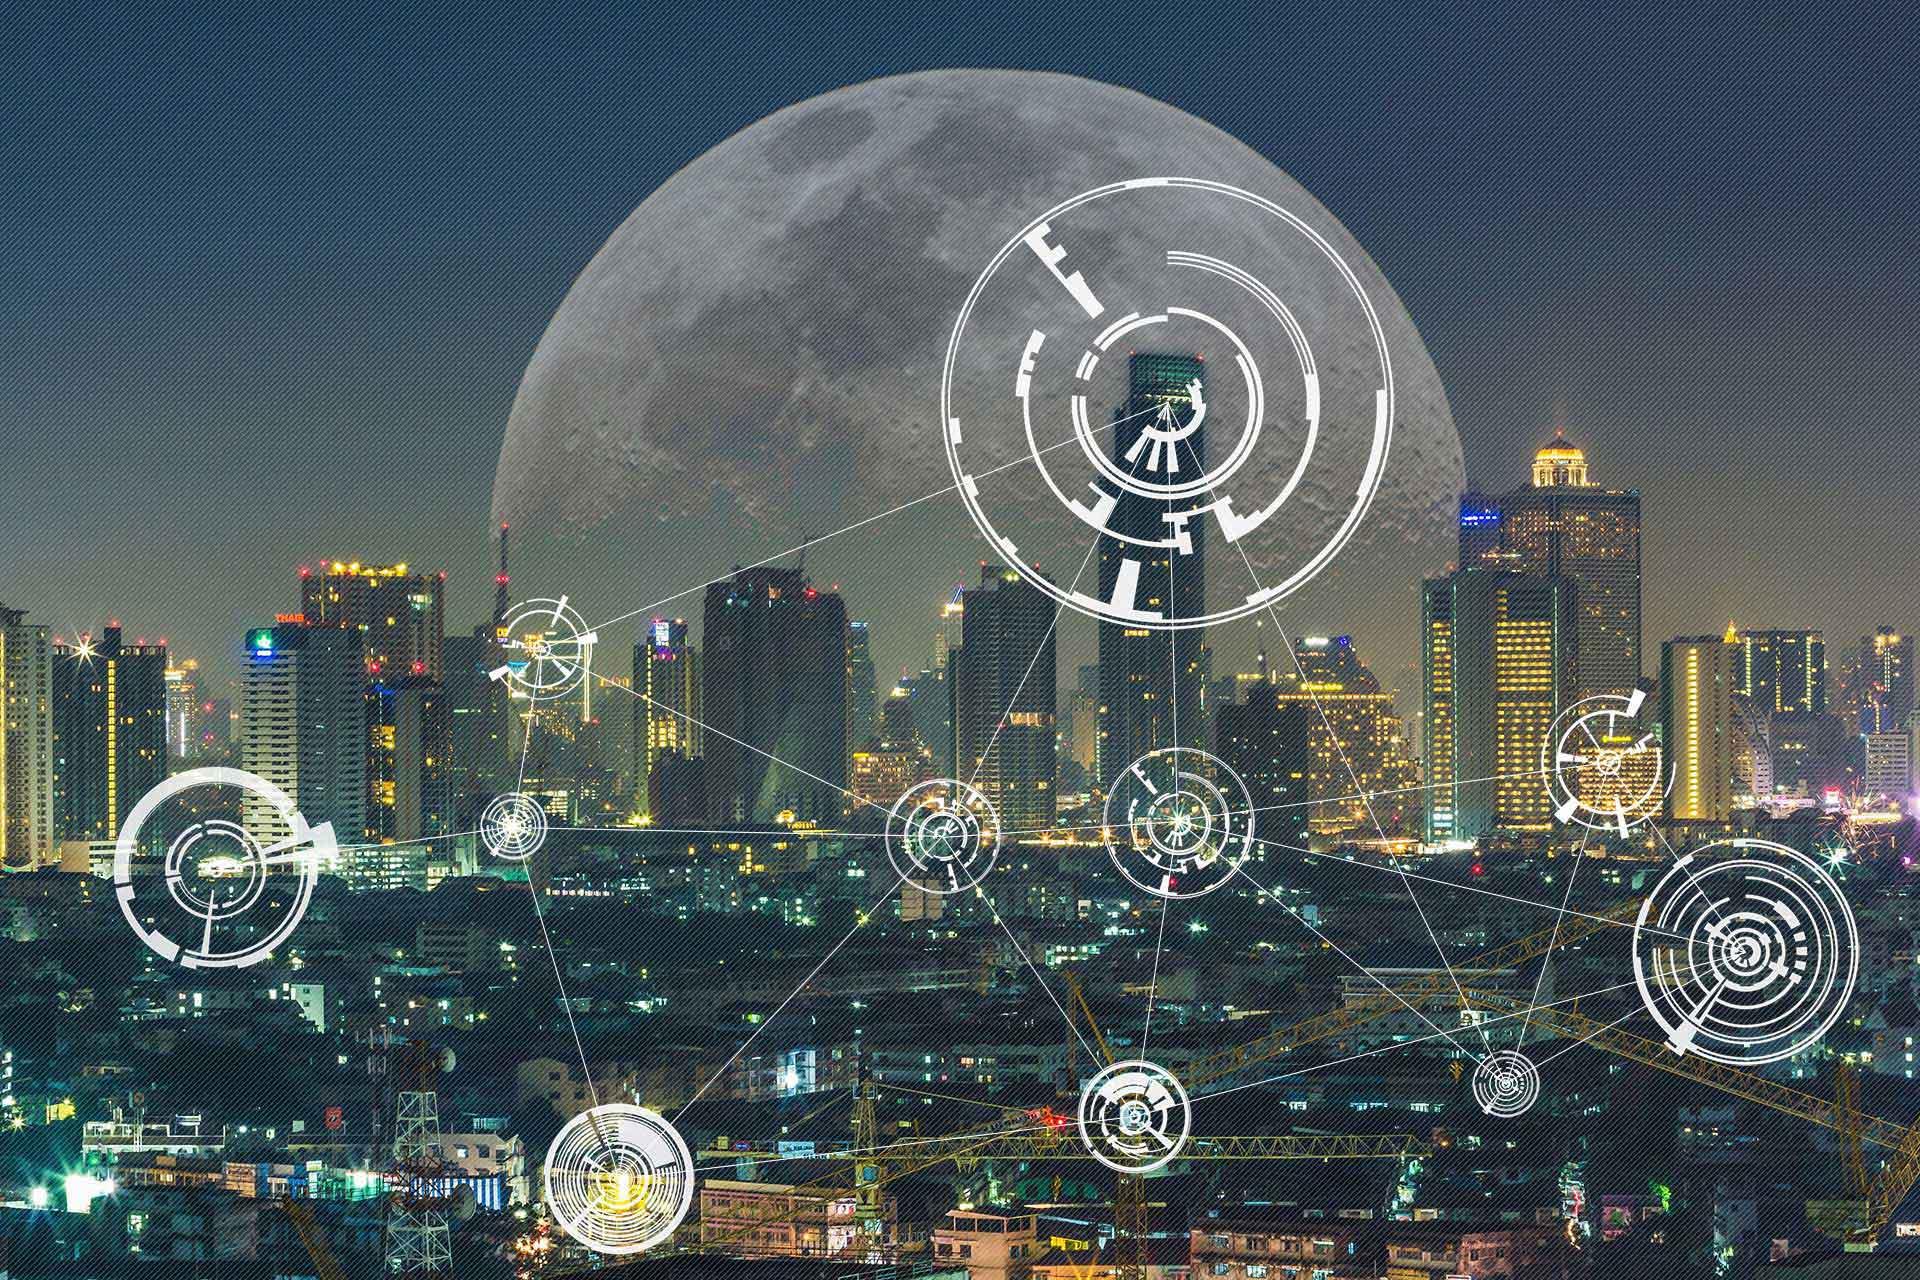 Primera jornada IoT SmartCAT per a fomentar la Internet de les Coses